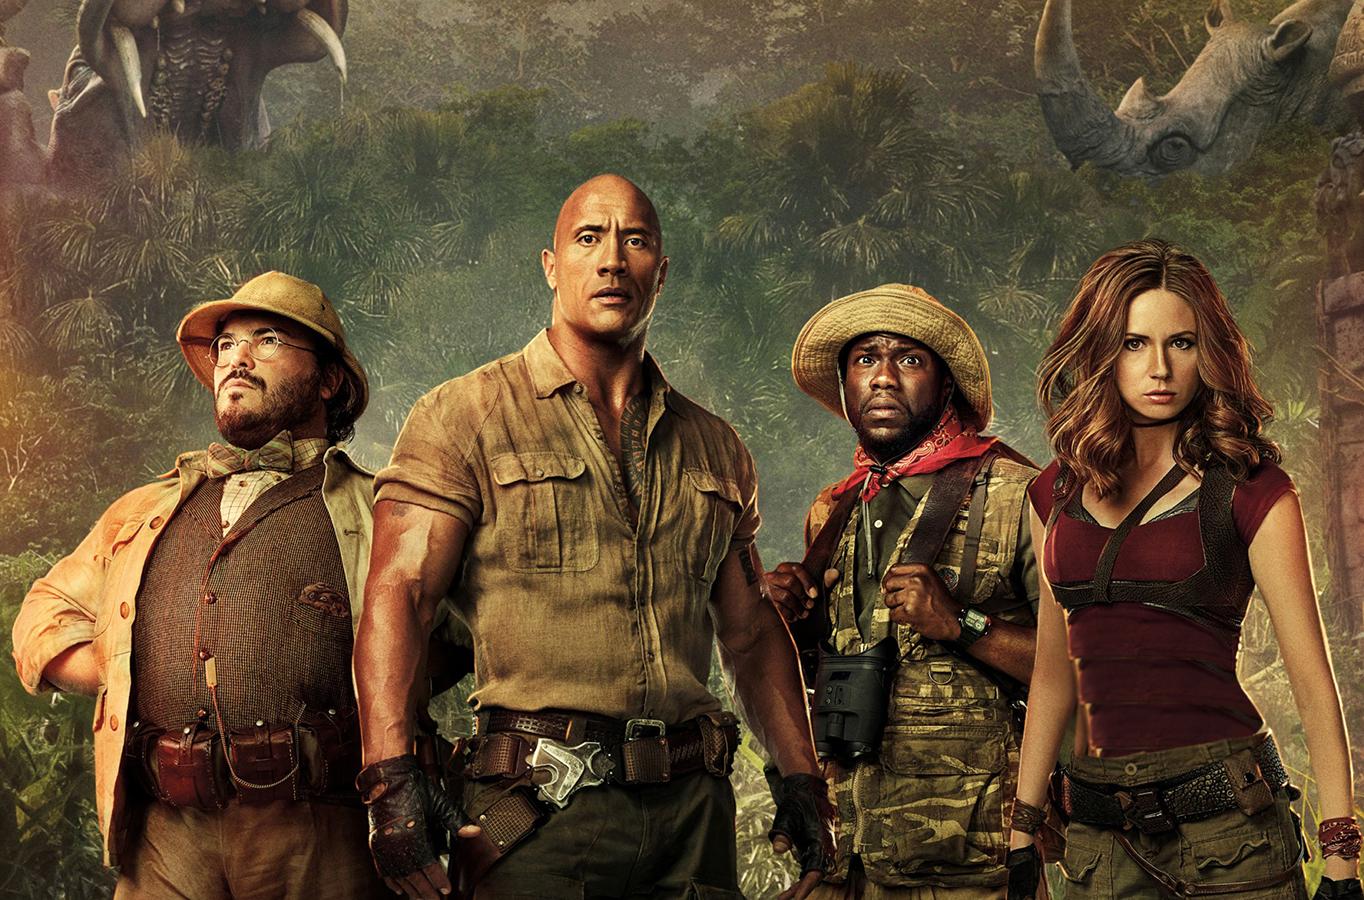 معرفیJumanji: Welcome to the Jungle: خندهدار، سرگرمکننده و پرهیجان